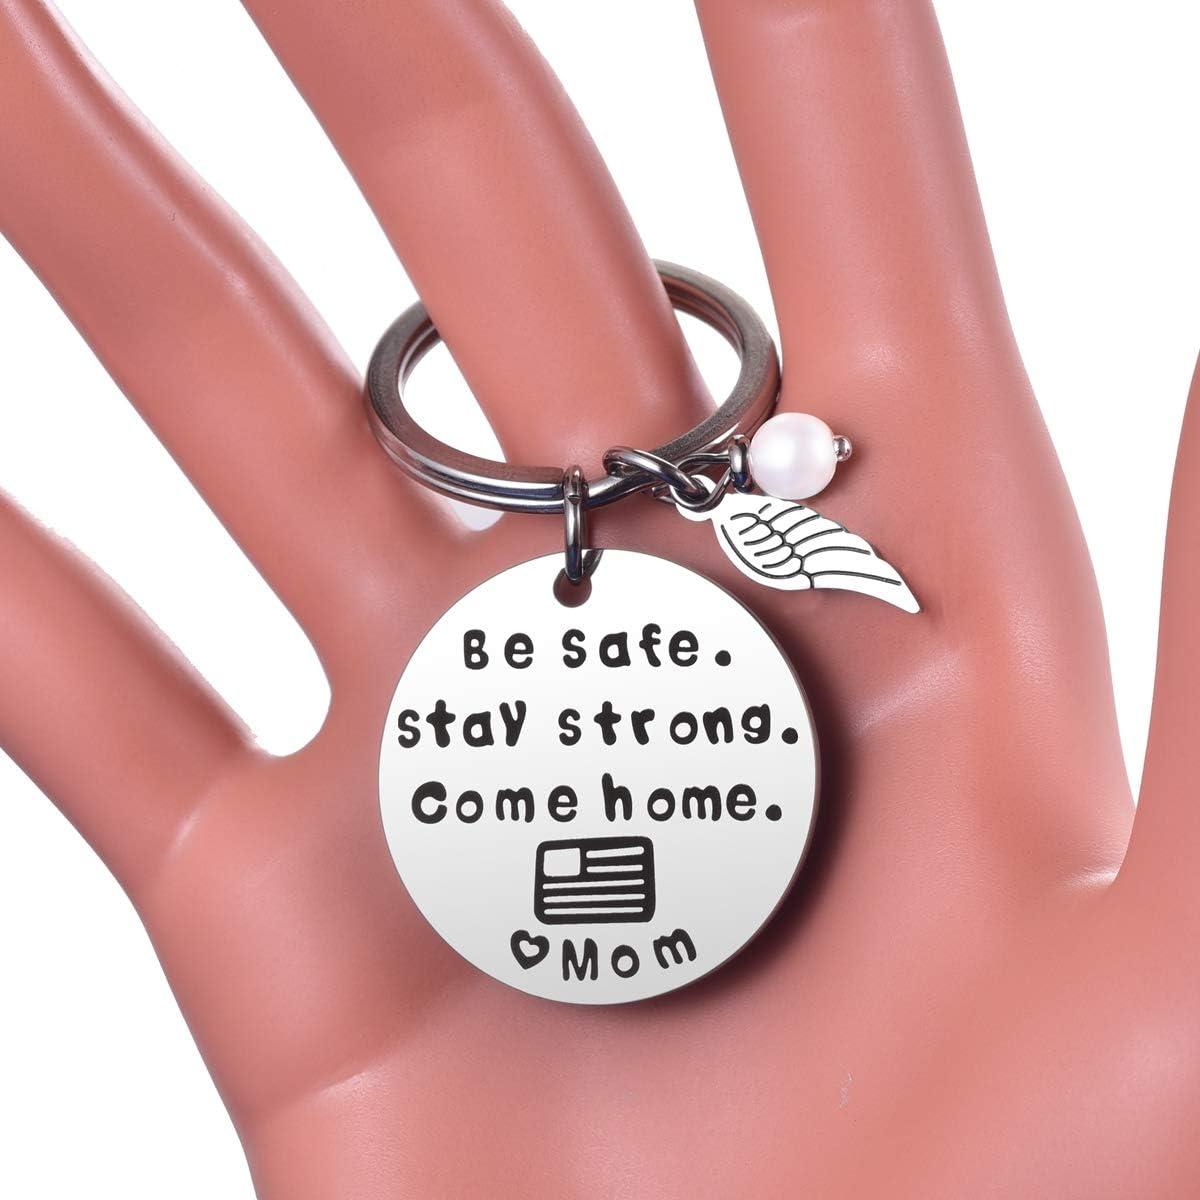 意味 stay strong